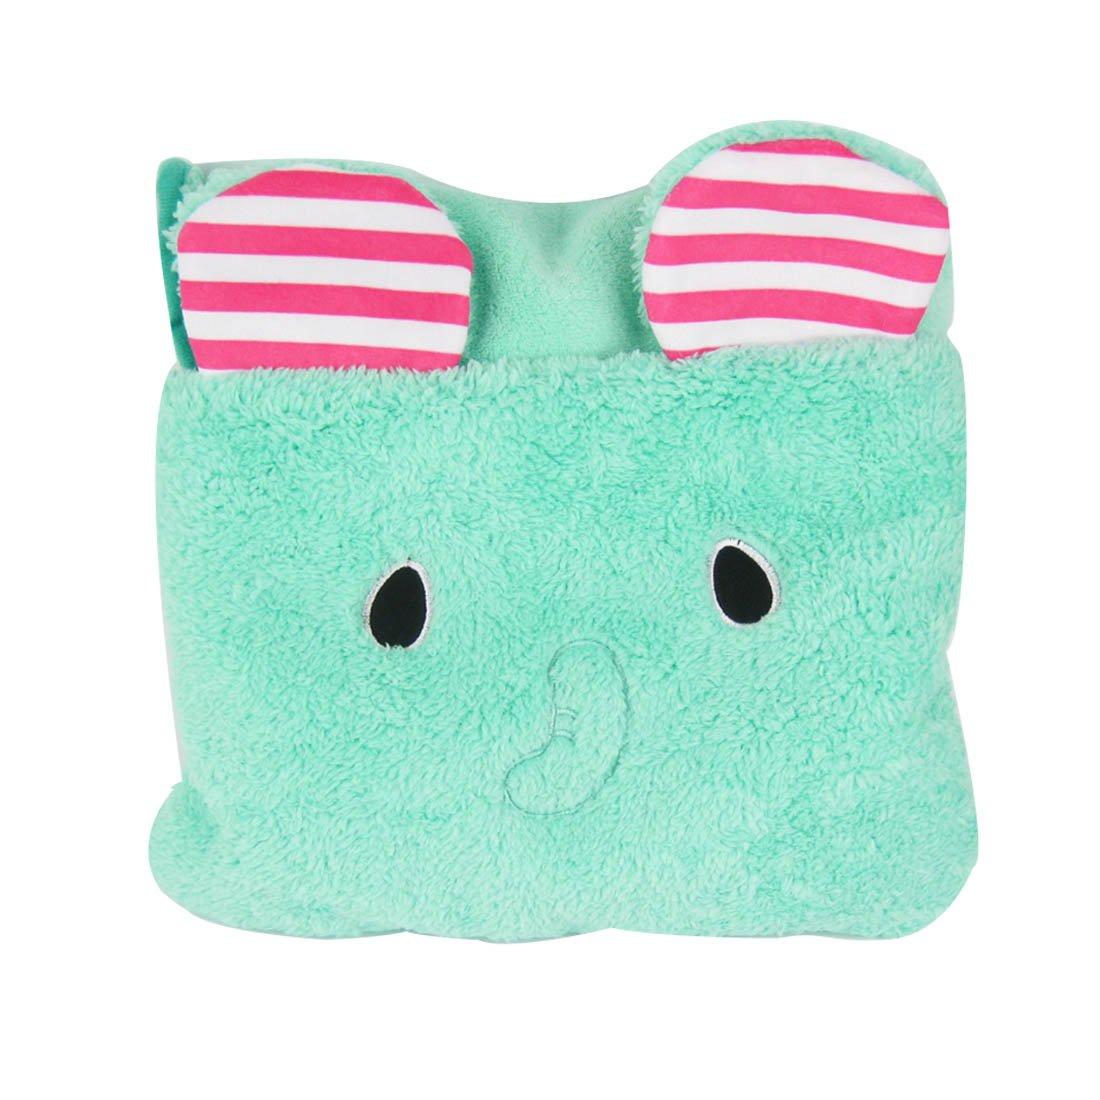 MyKazoe Kids Plush 2-in-1 Pillow Blanket (Elephant)